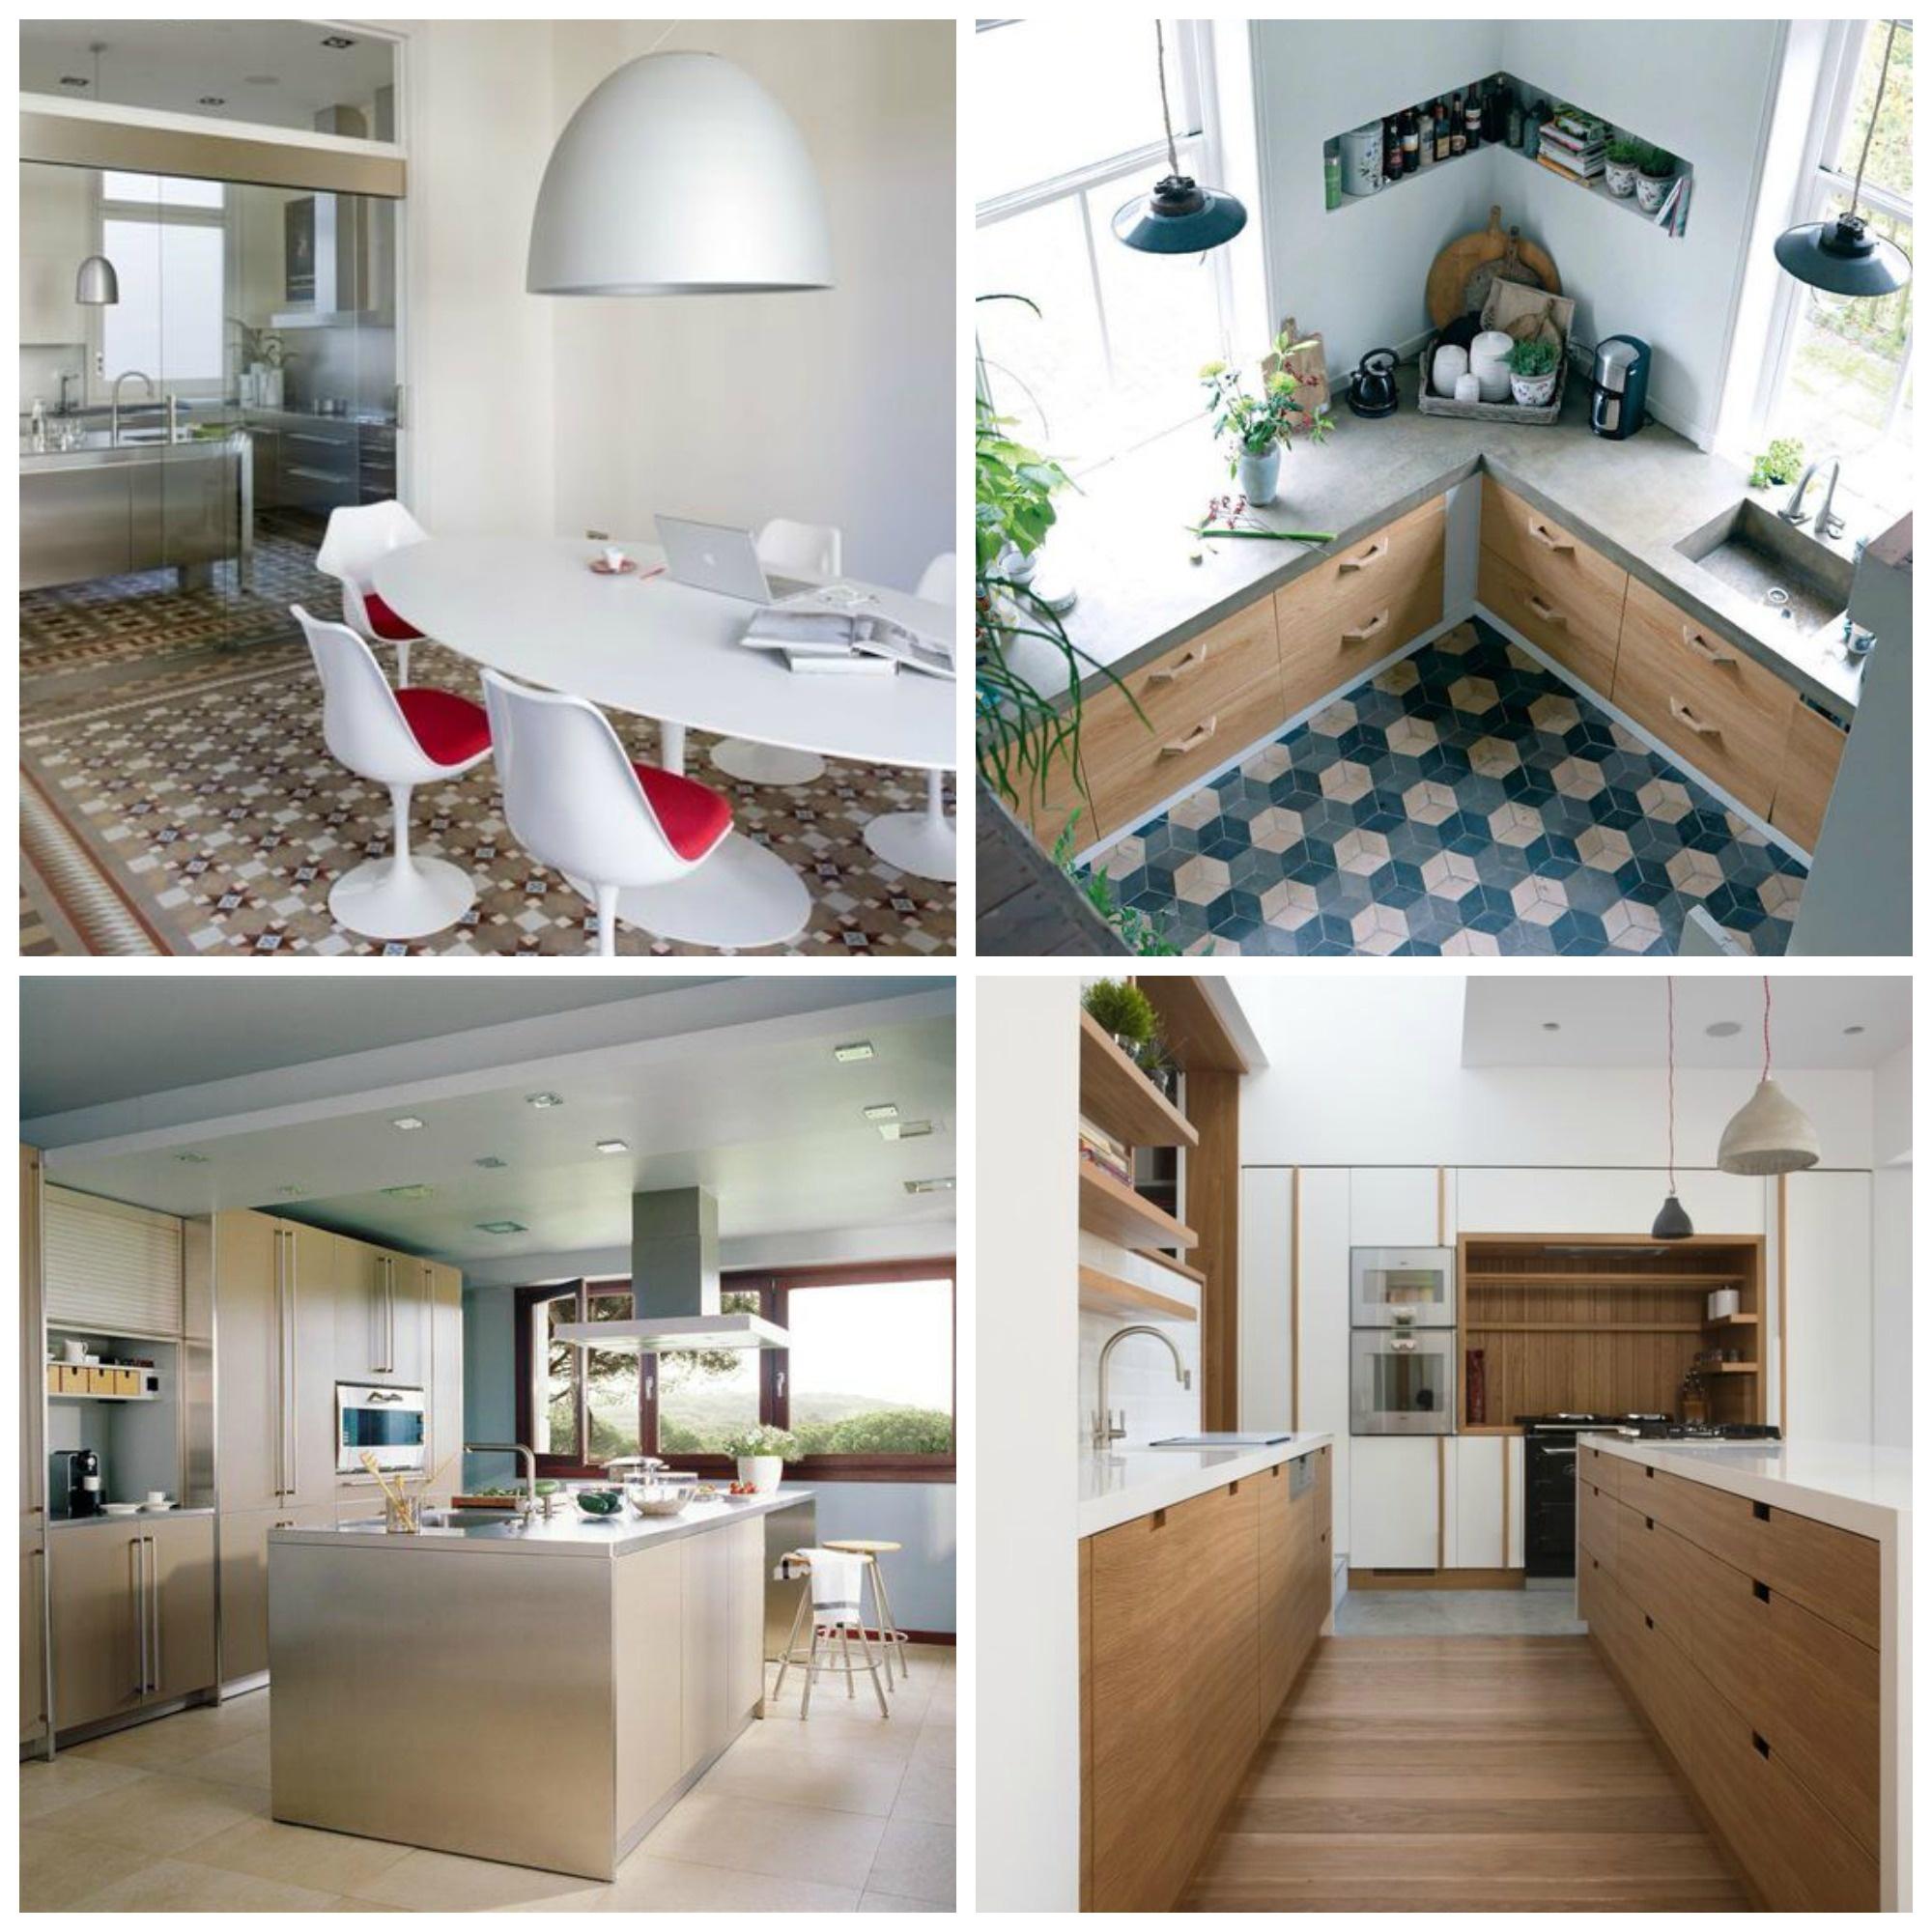 Pintar suelo cocina dise os arquitect nicos - Suelo de cocina ...